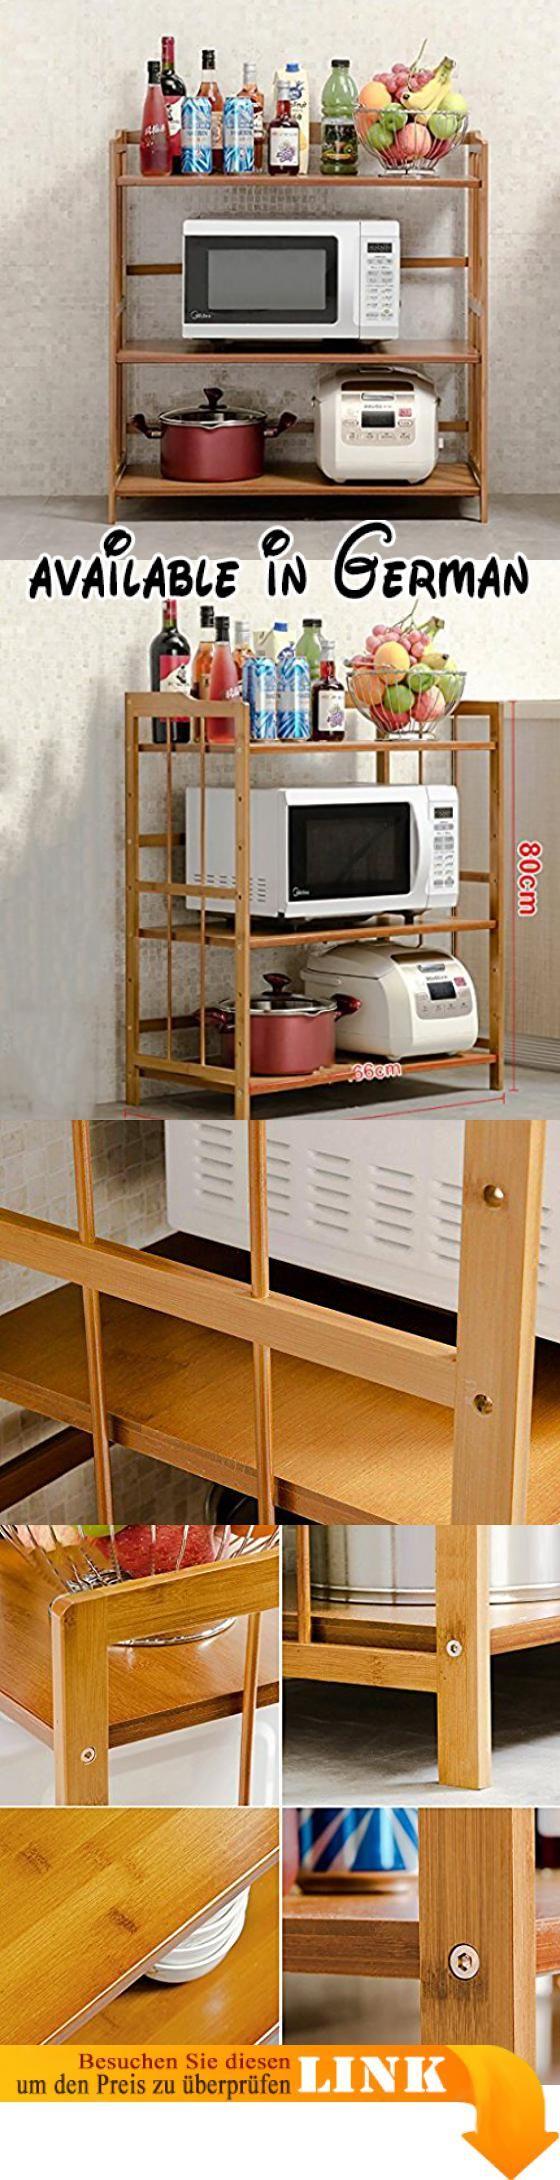 B078V5DN1L : Großer Raum feste Lager Küche Regalboden Mikrowelle ...